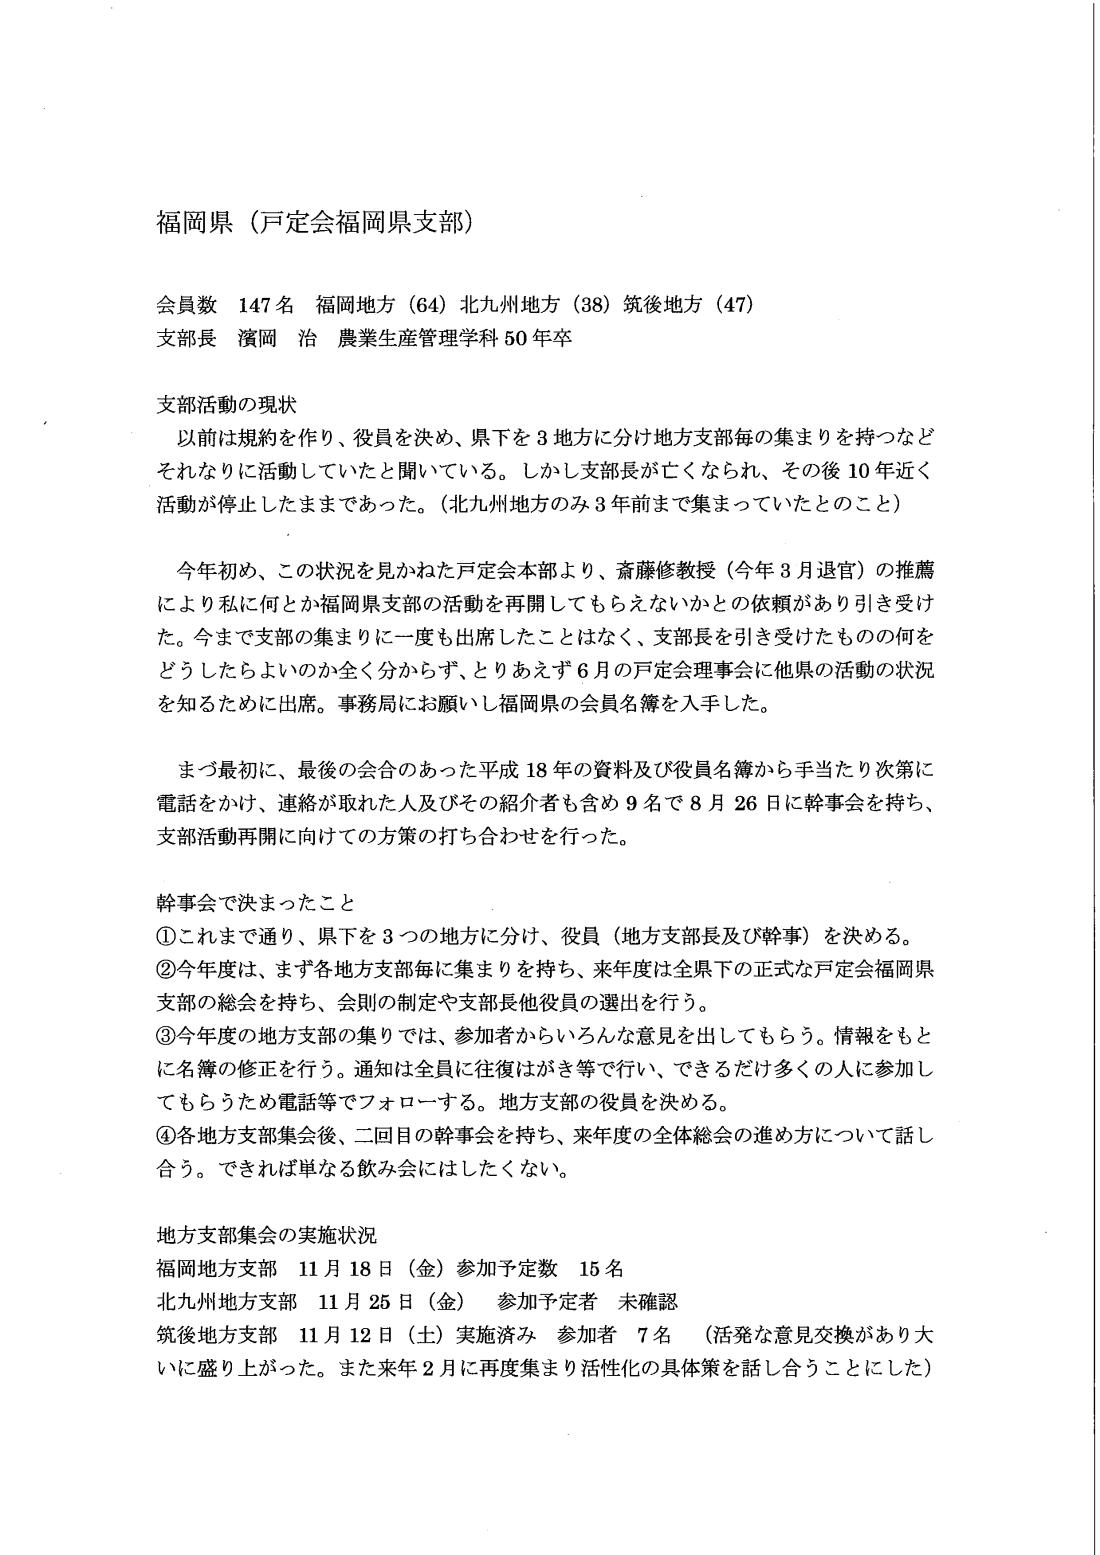 戸定会九州支部長等会議資料_ページ_7.png